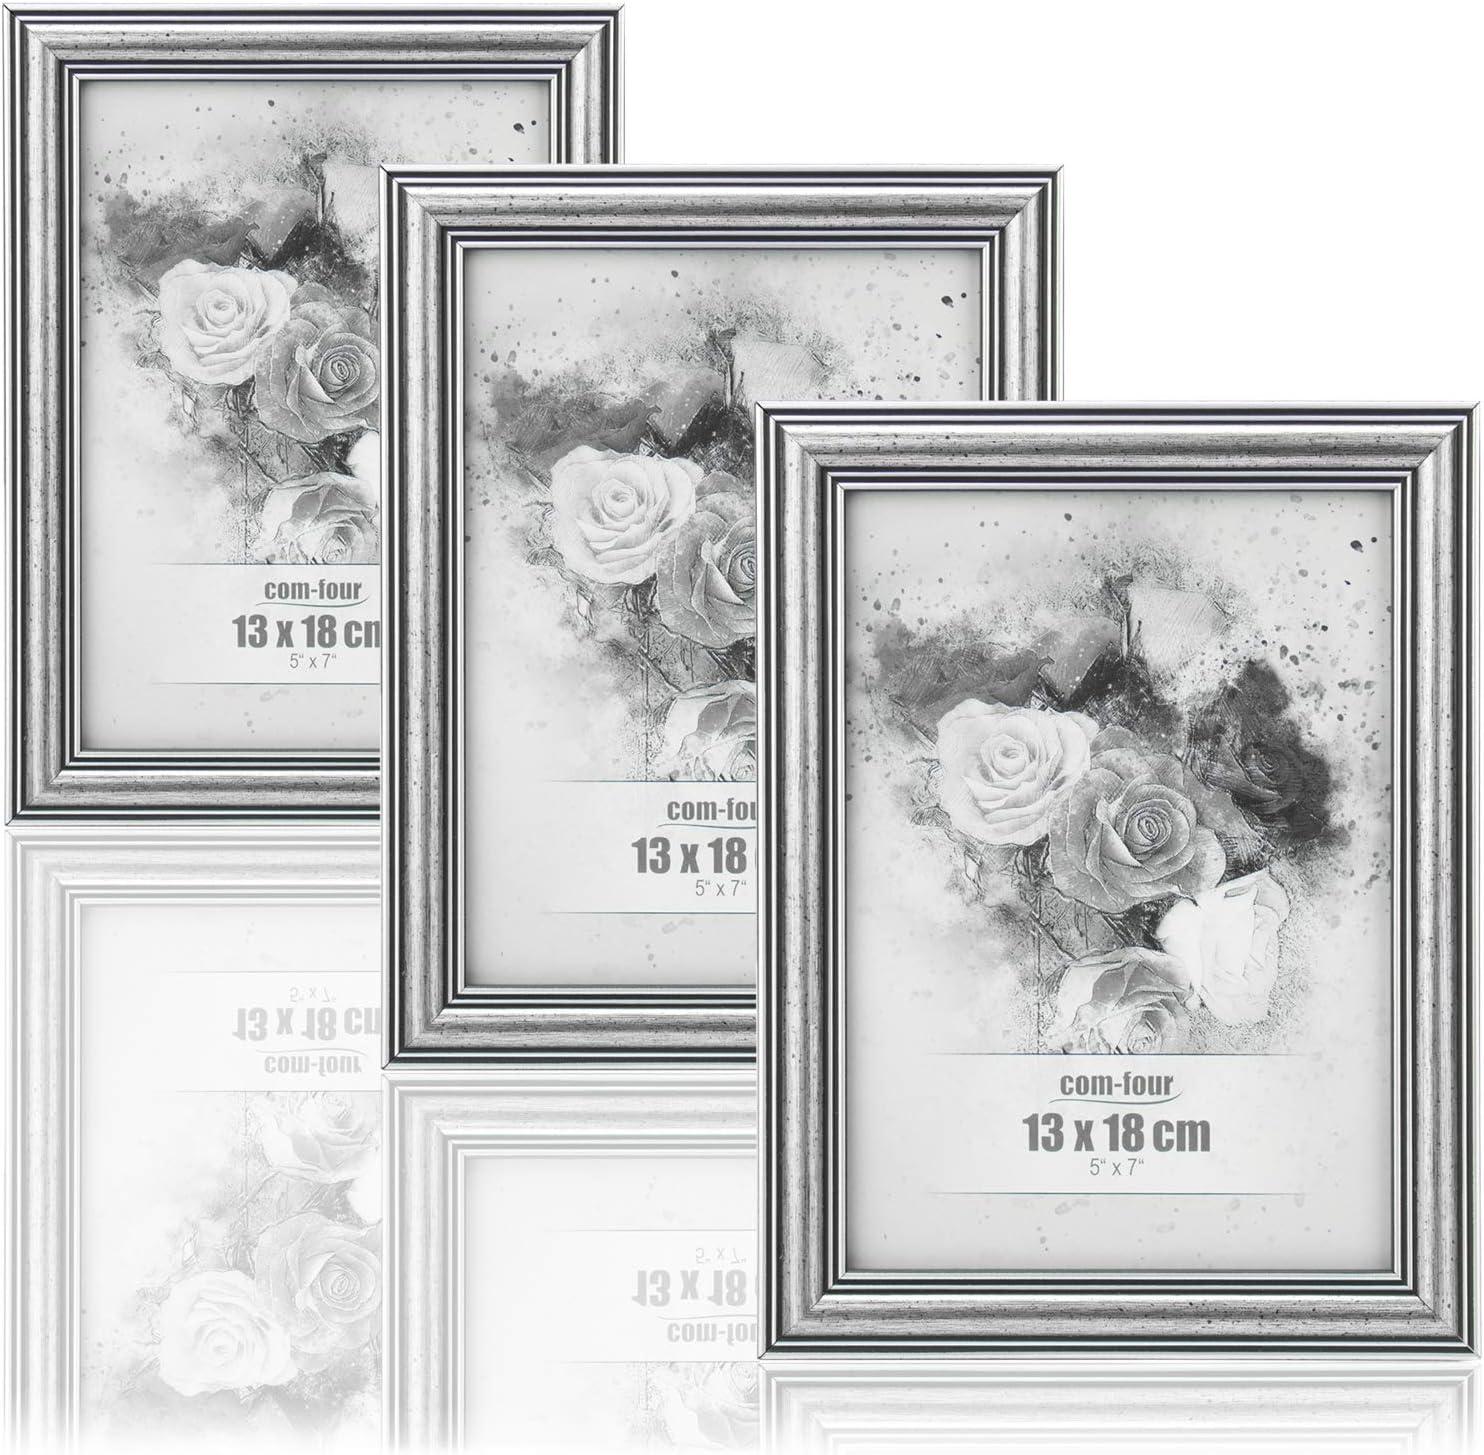 com-four® 3X Marcos de Fotos 13 x 18 cm para Las Fotos más Hermosas - Marco de Fotos Elegante - Marco para Fotos e instantáneas favoritas - Gran Idea para un Regalo